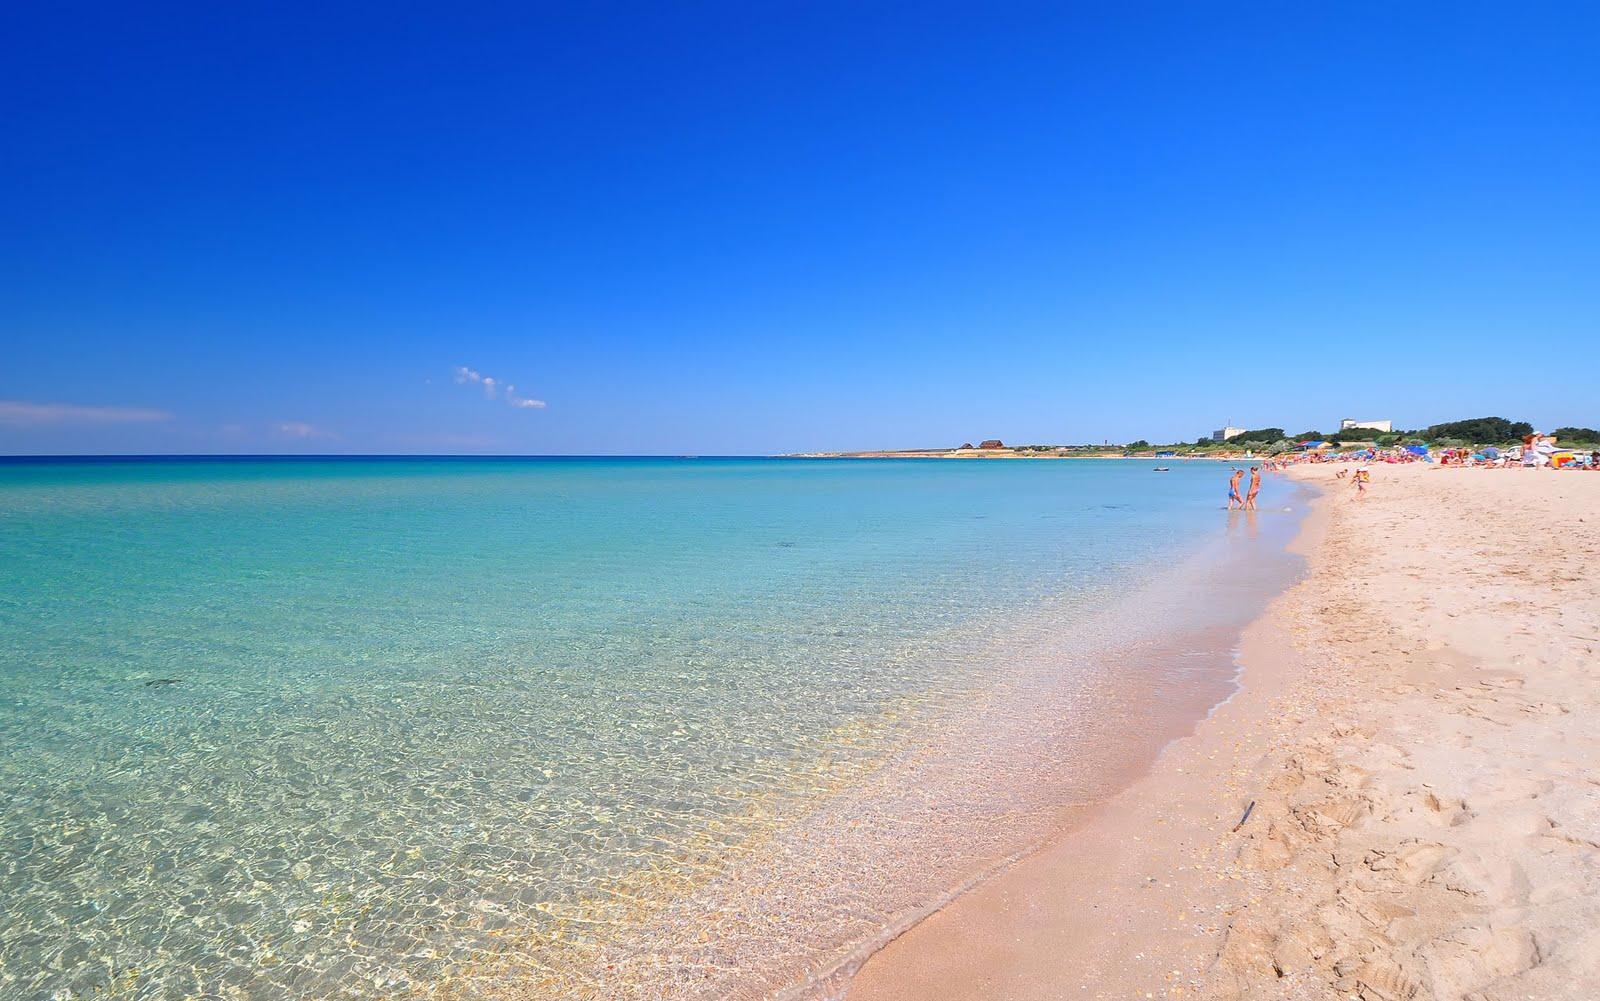 Добыча песка в Крыму может привести к полному исчезновению пляжей